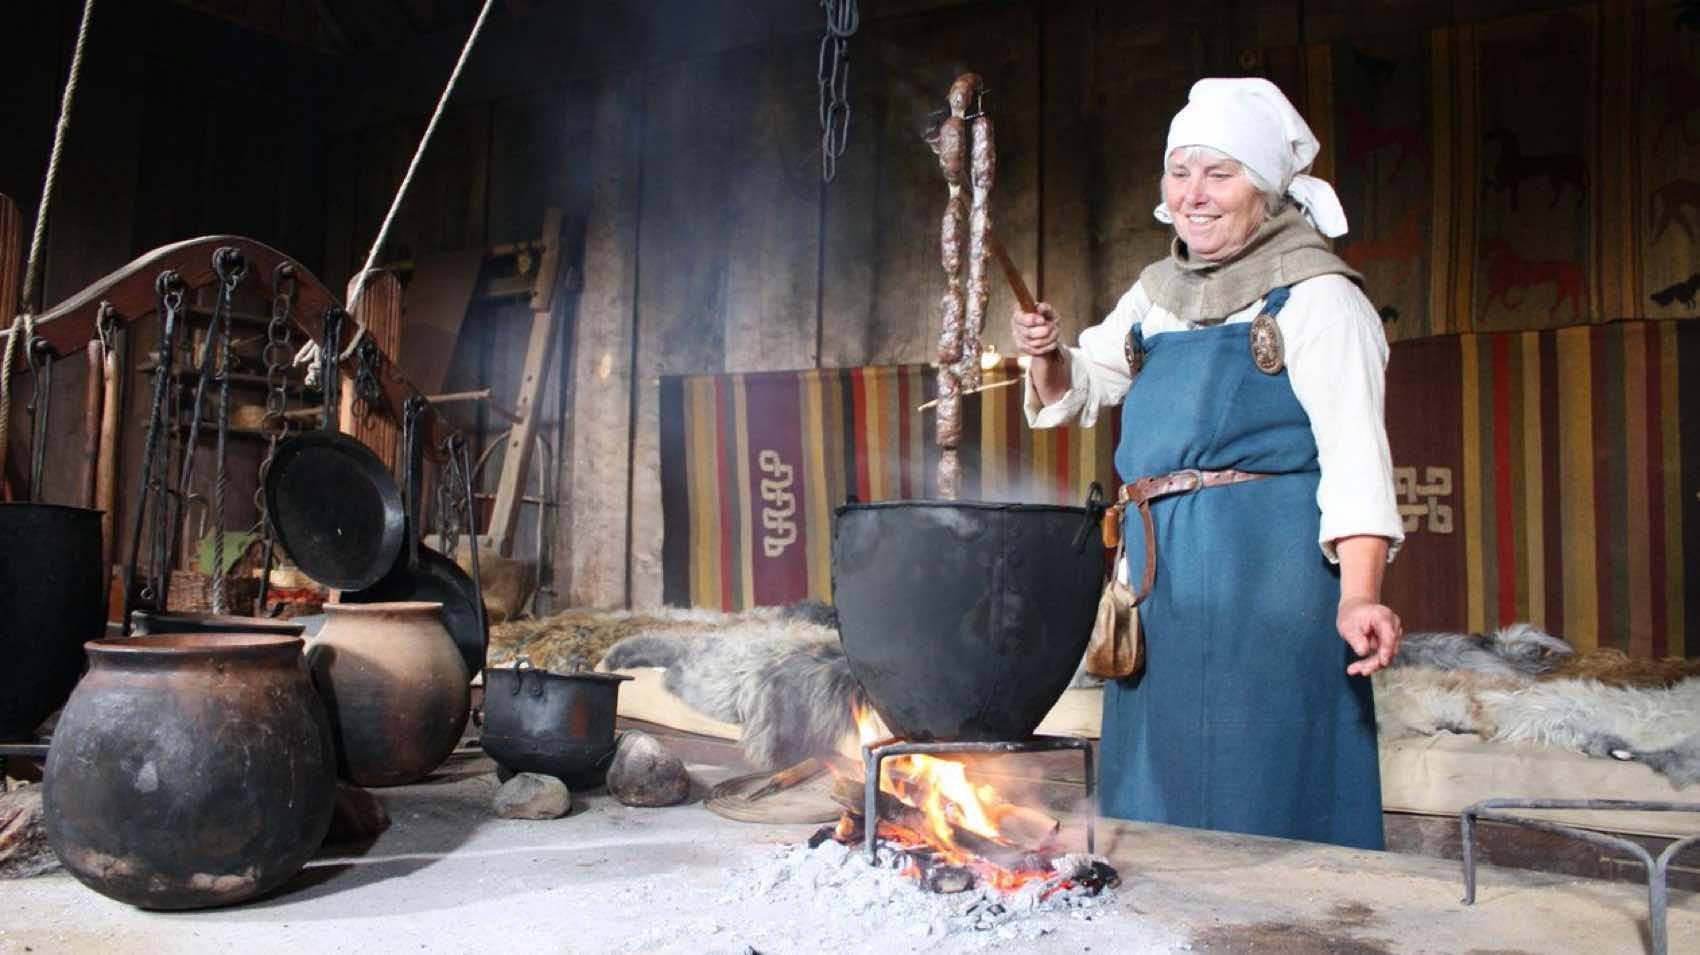 Old tradition: Sausage made at Ribe Viking Center